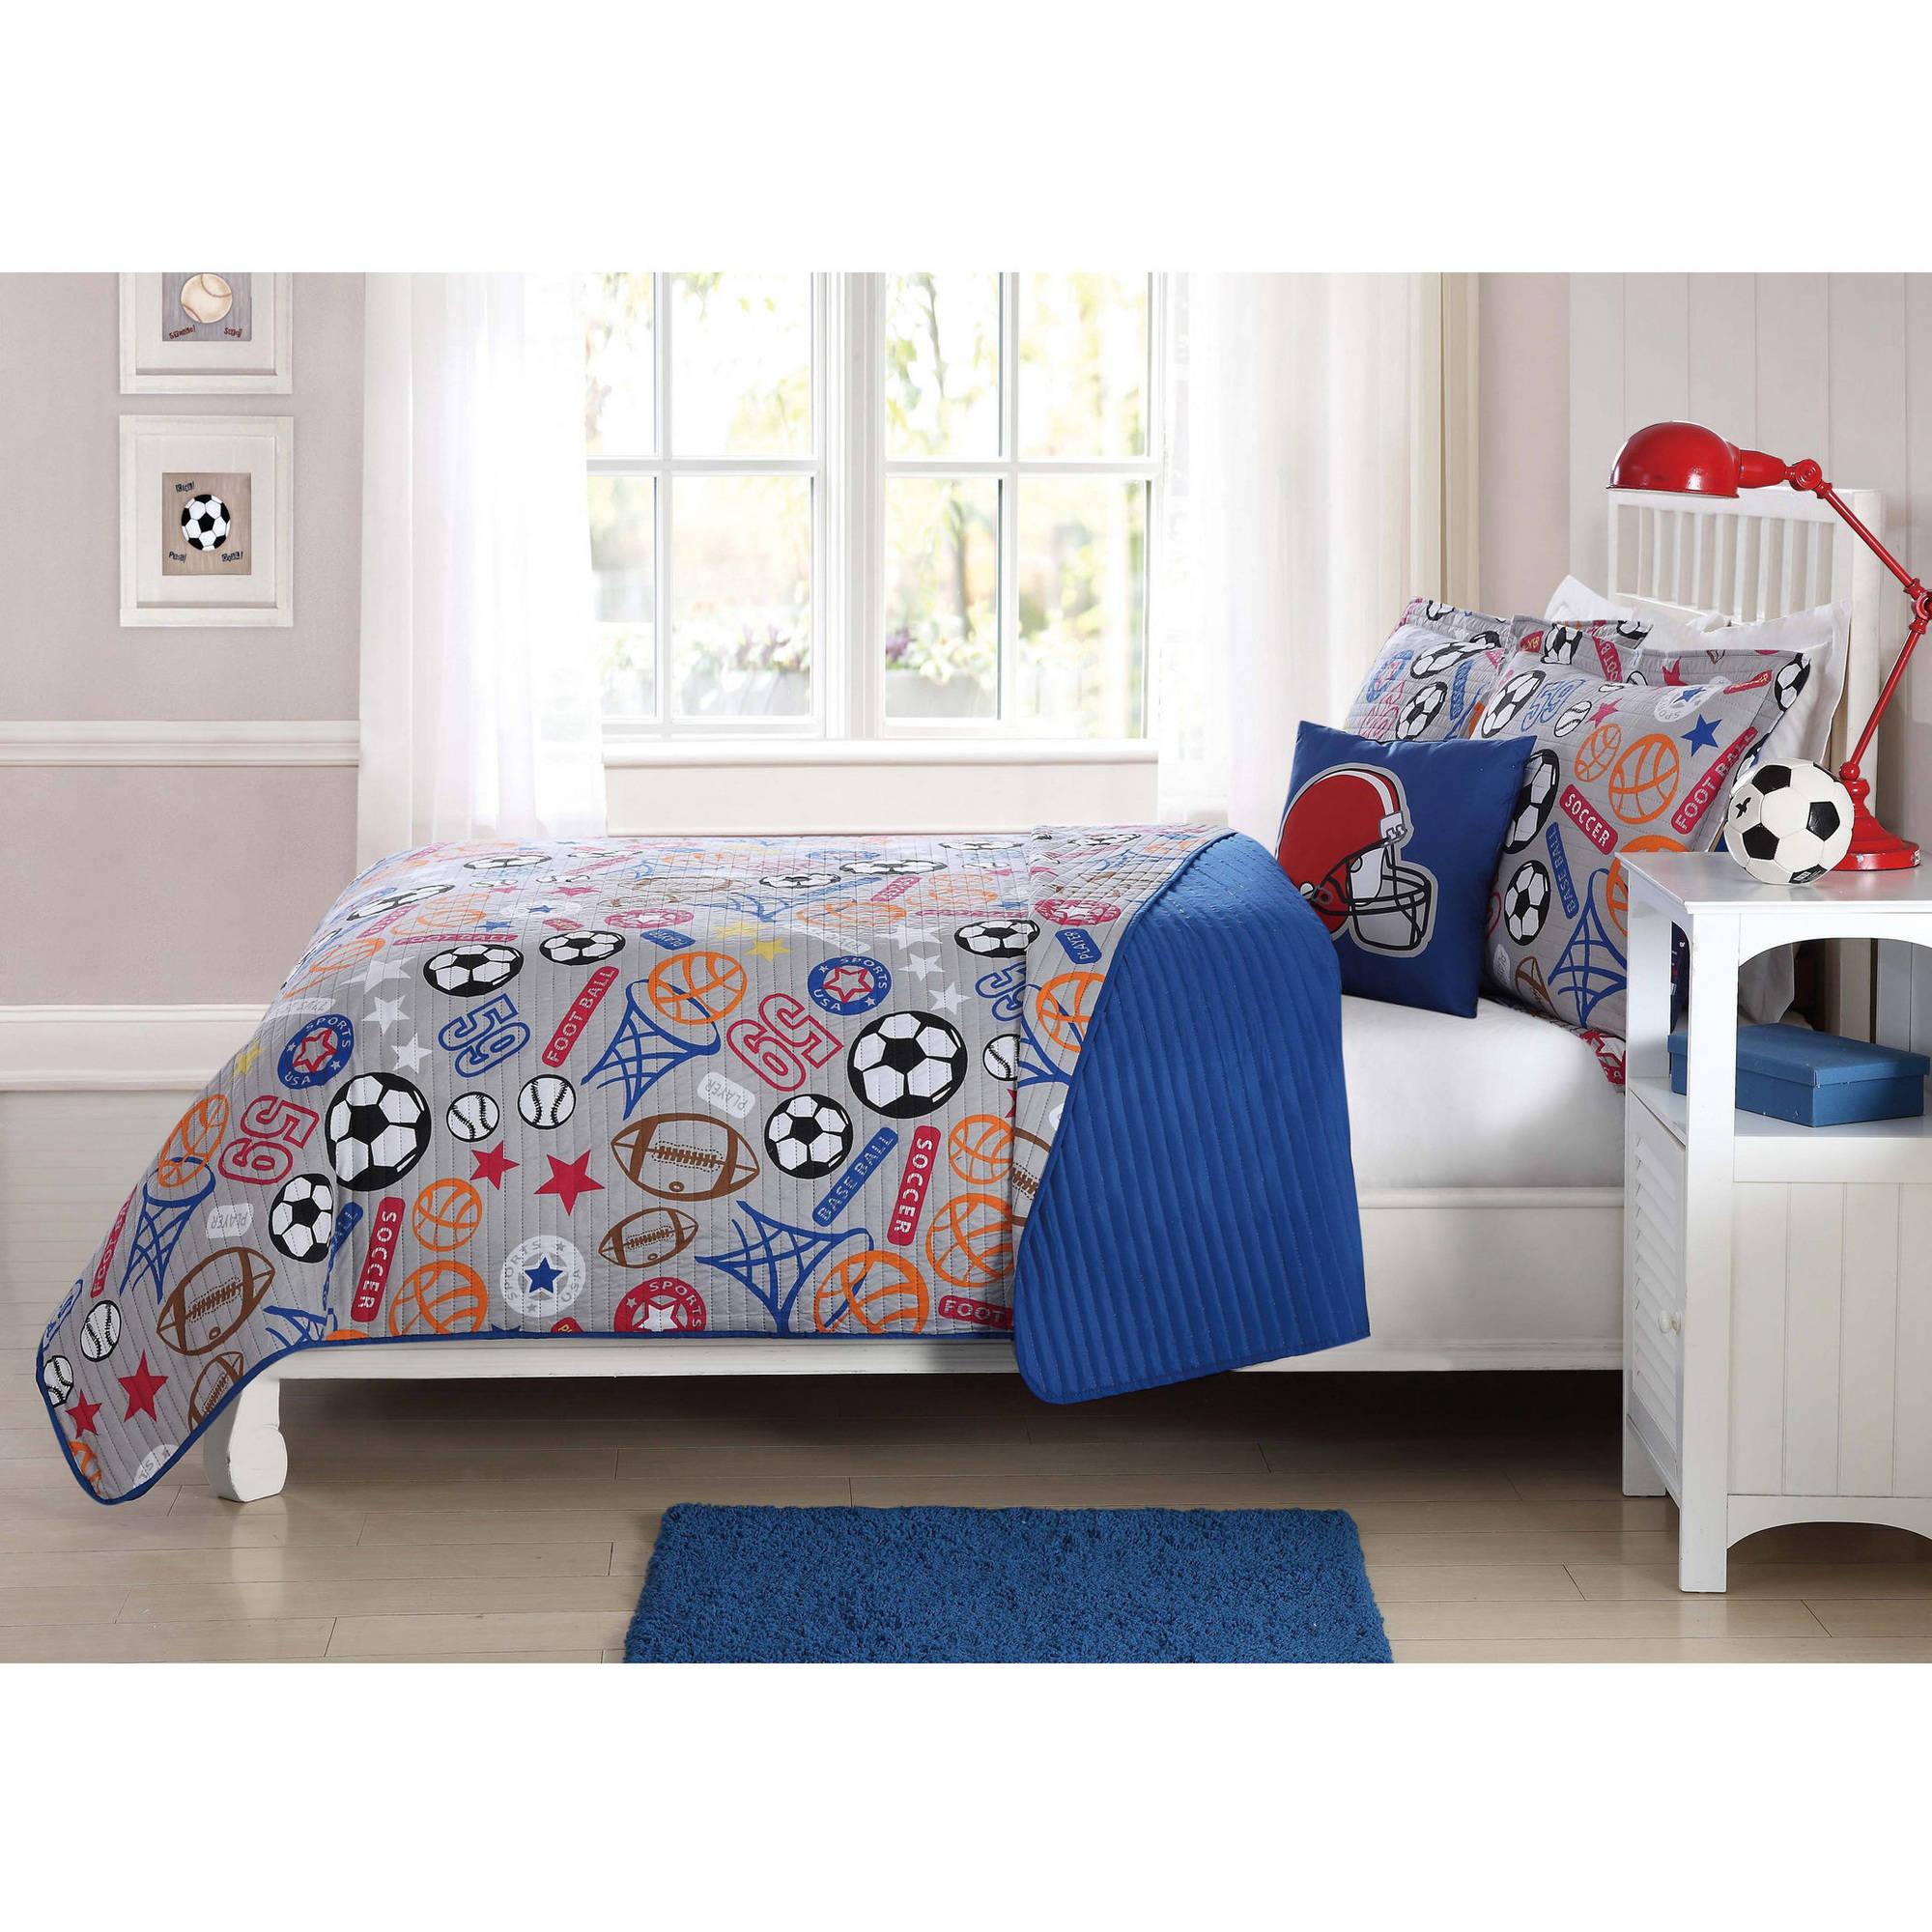 Kids Quilt Set with BONUS Decorative Pillow